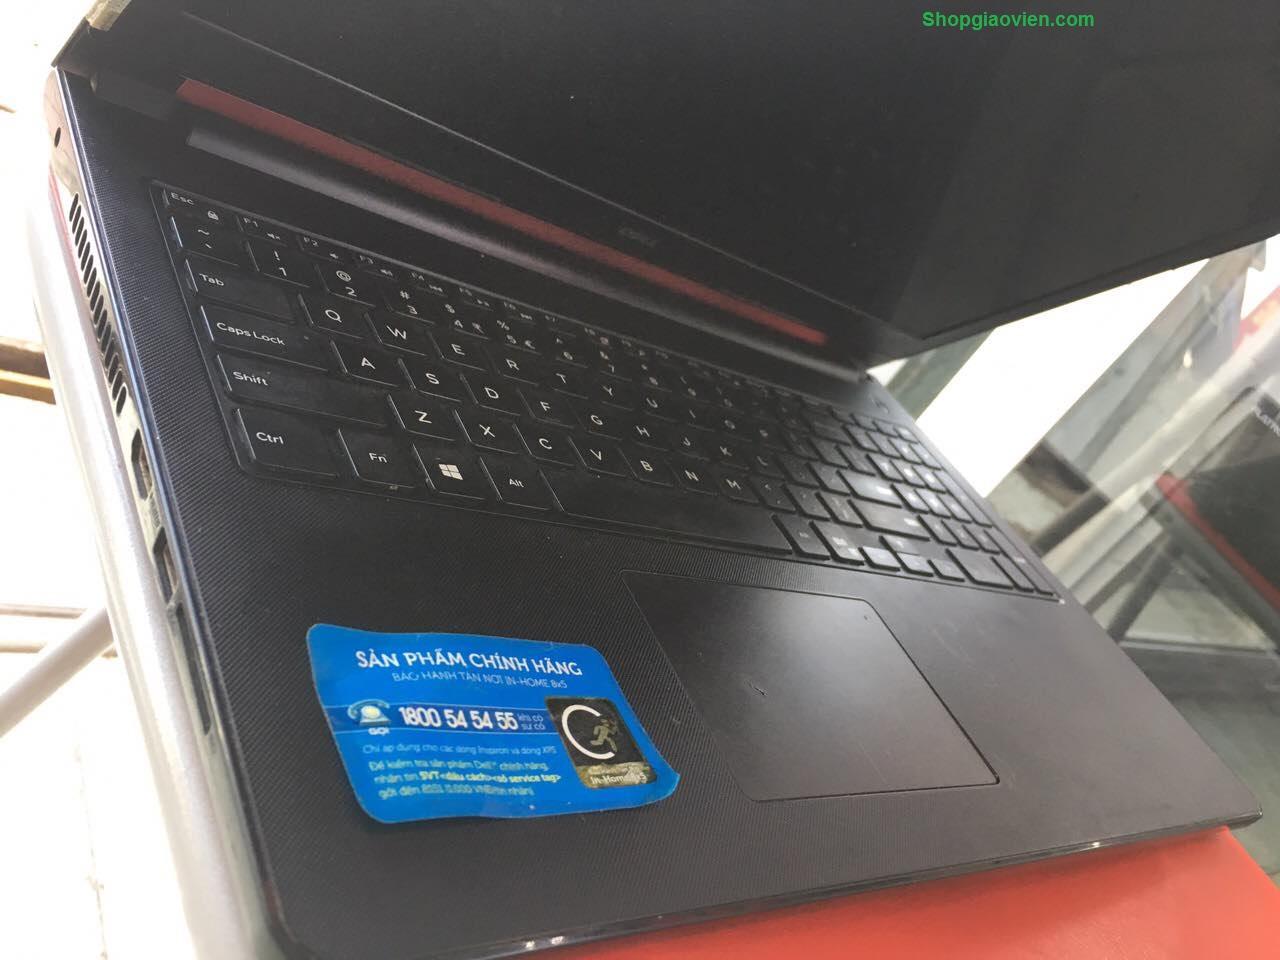 Hướng dẫn nhận biết các dấu hiệu laptop hỏng